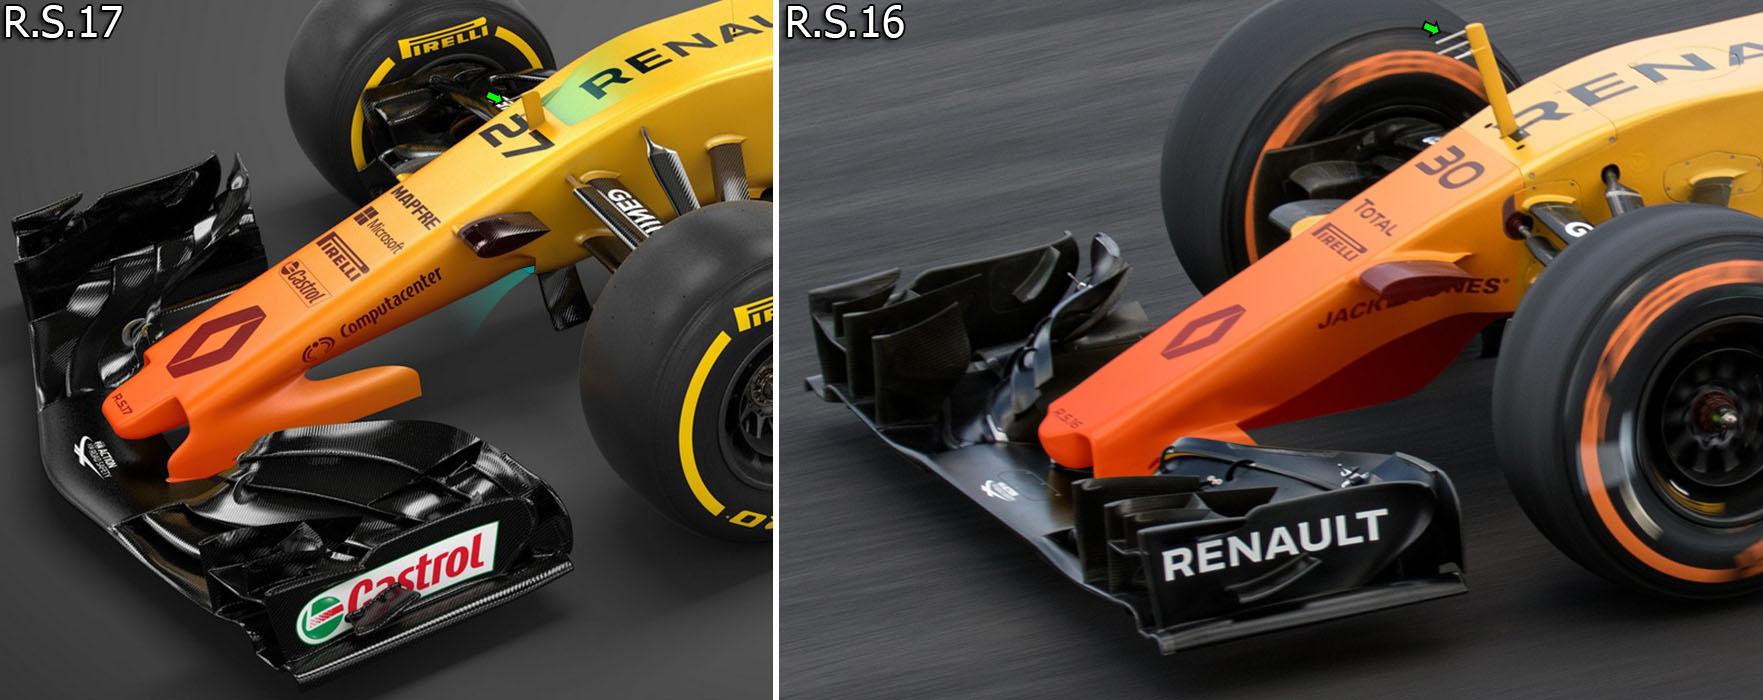 rs17-nose-cone(2)